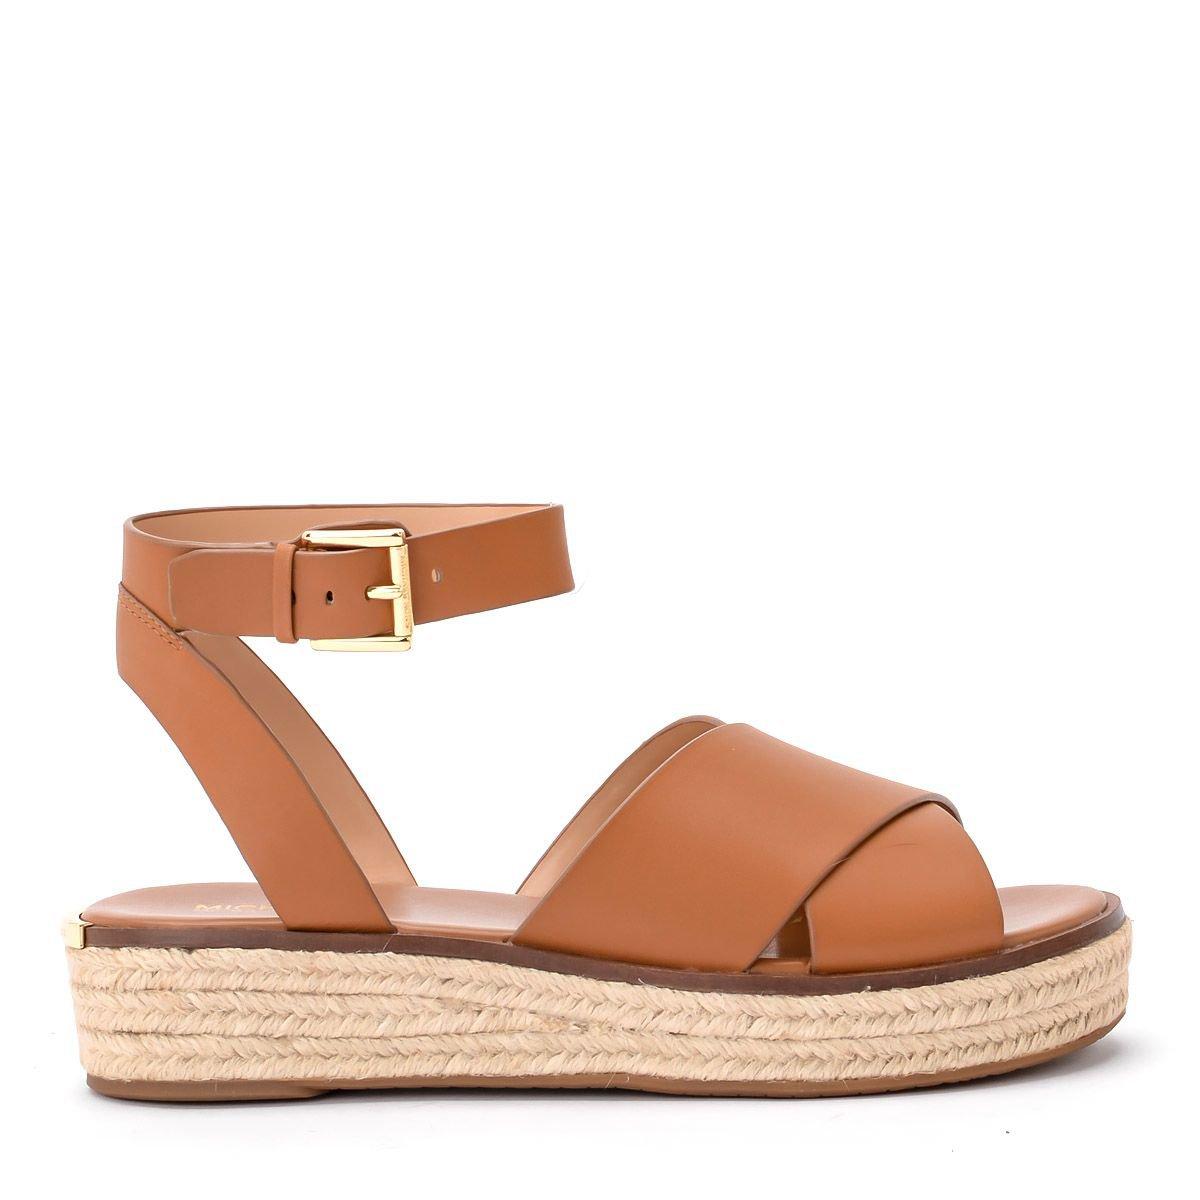 Michael Kors Abbott Acorn Leather Sandal